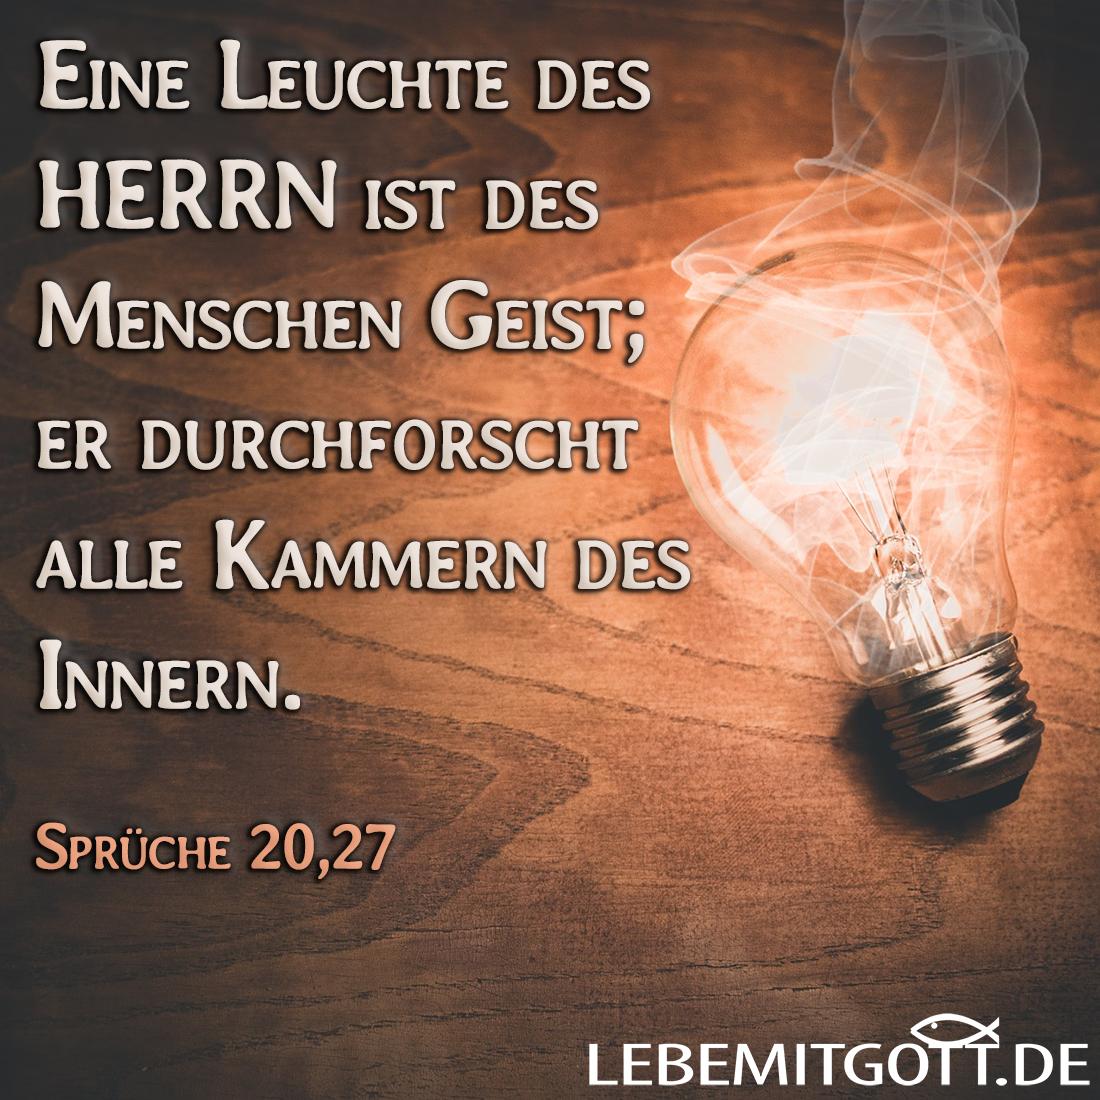 Leuchte des Herrn